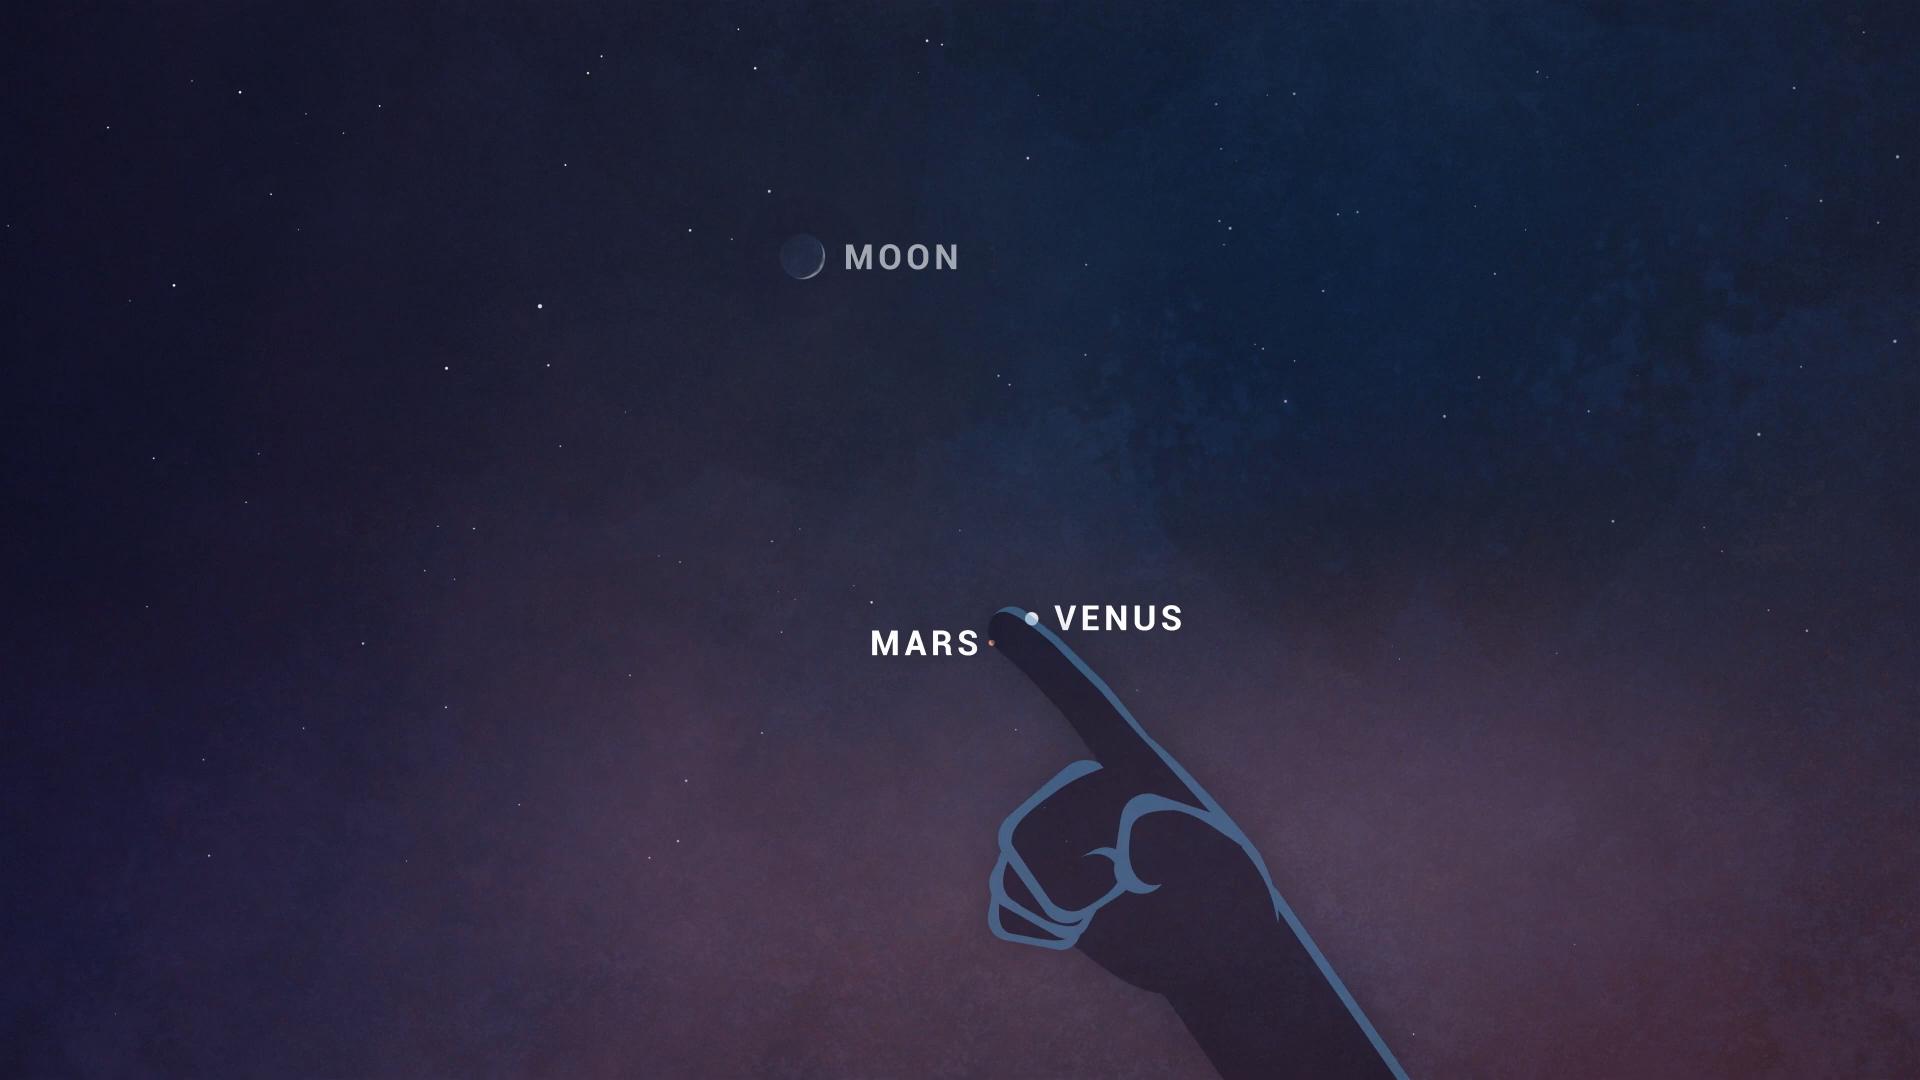 Venus Mars and Moon